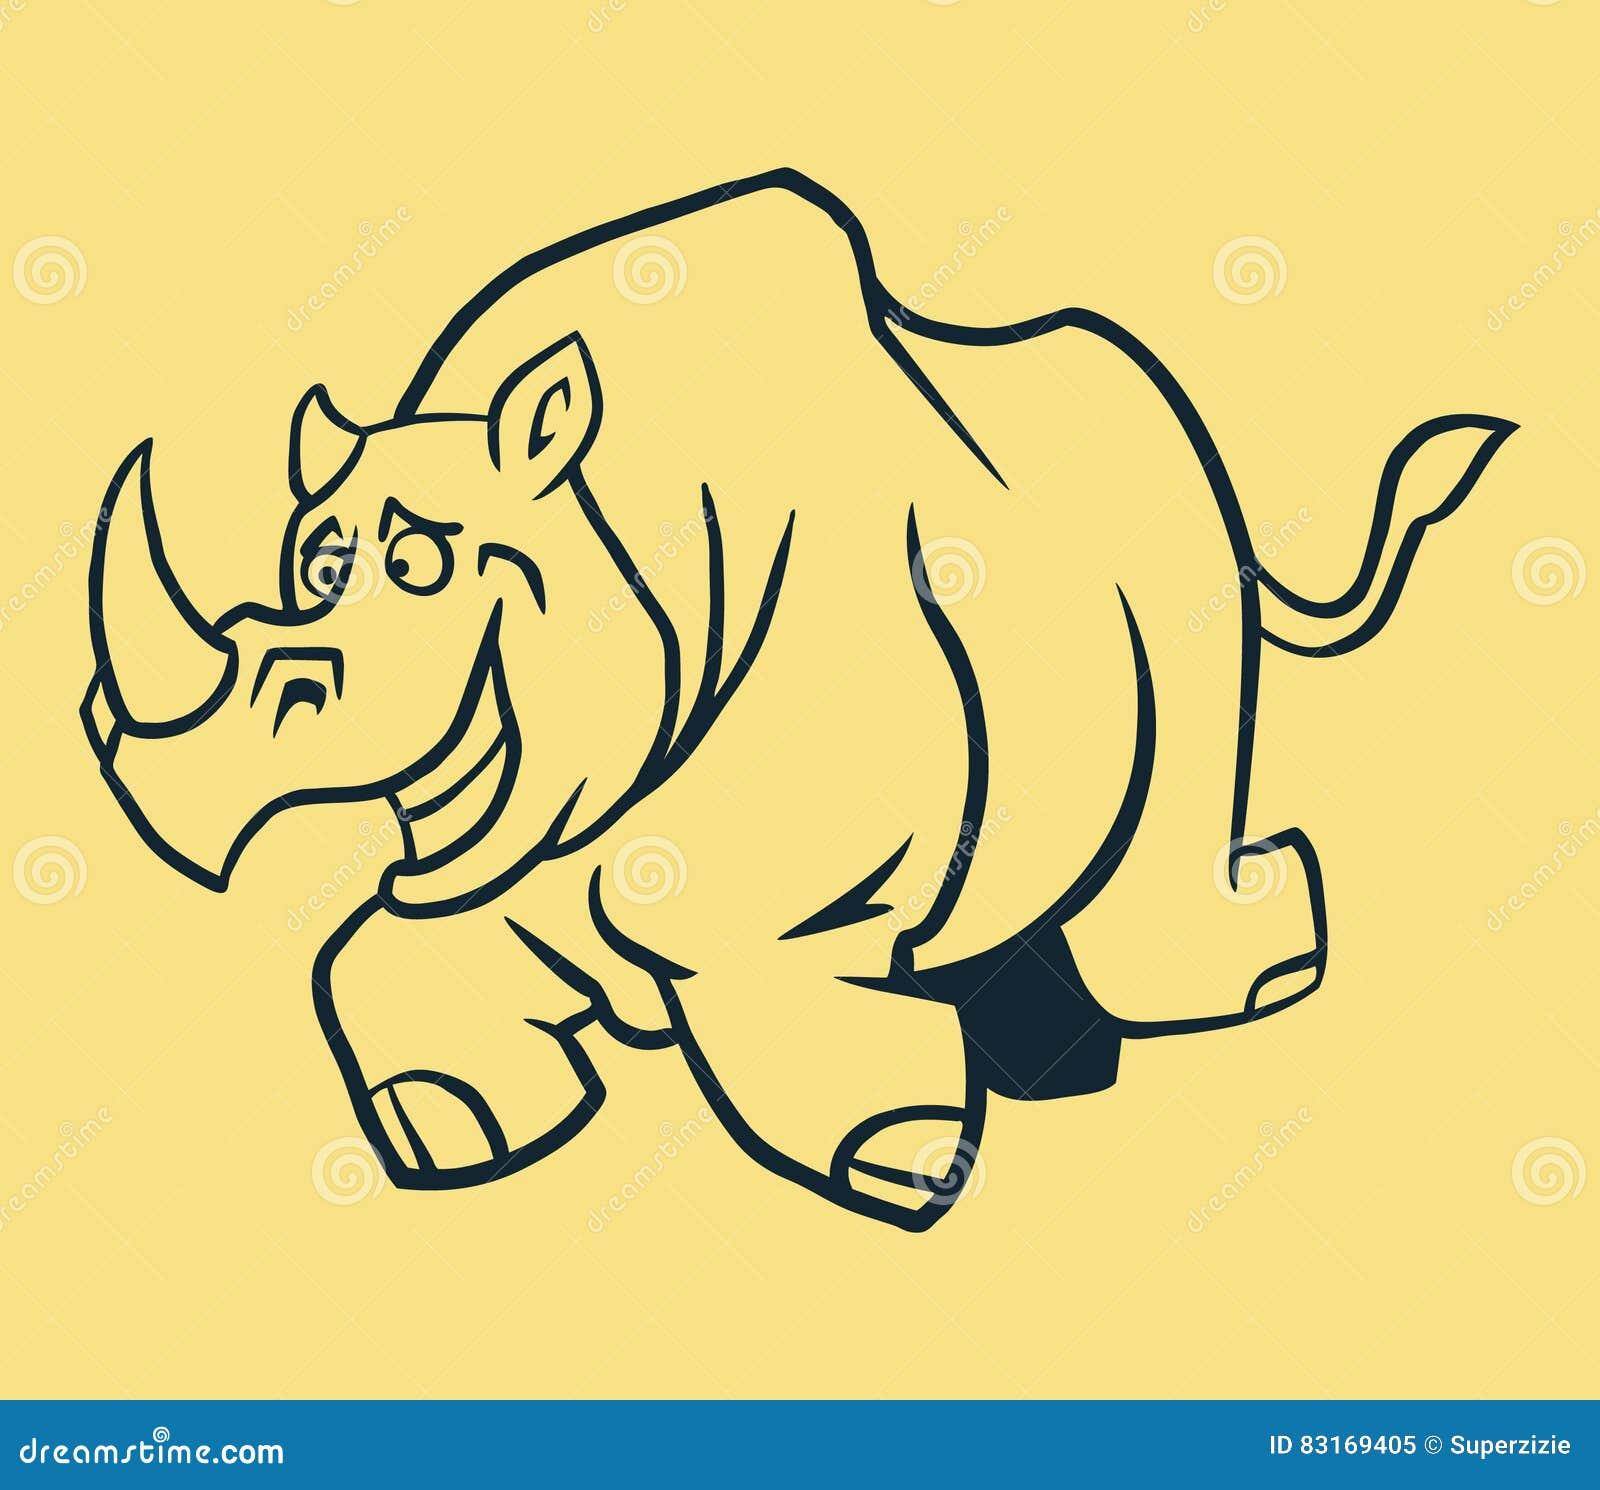 Line Art Vector Illustrator : Rhino run line art stock vector illustration of outline